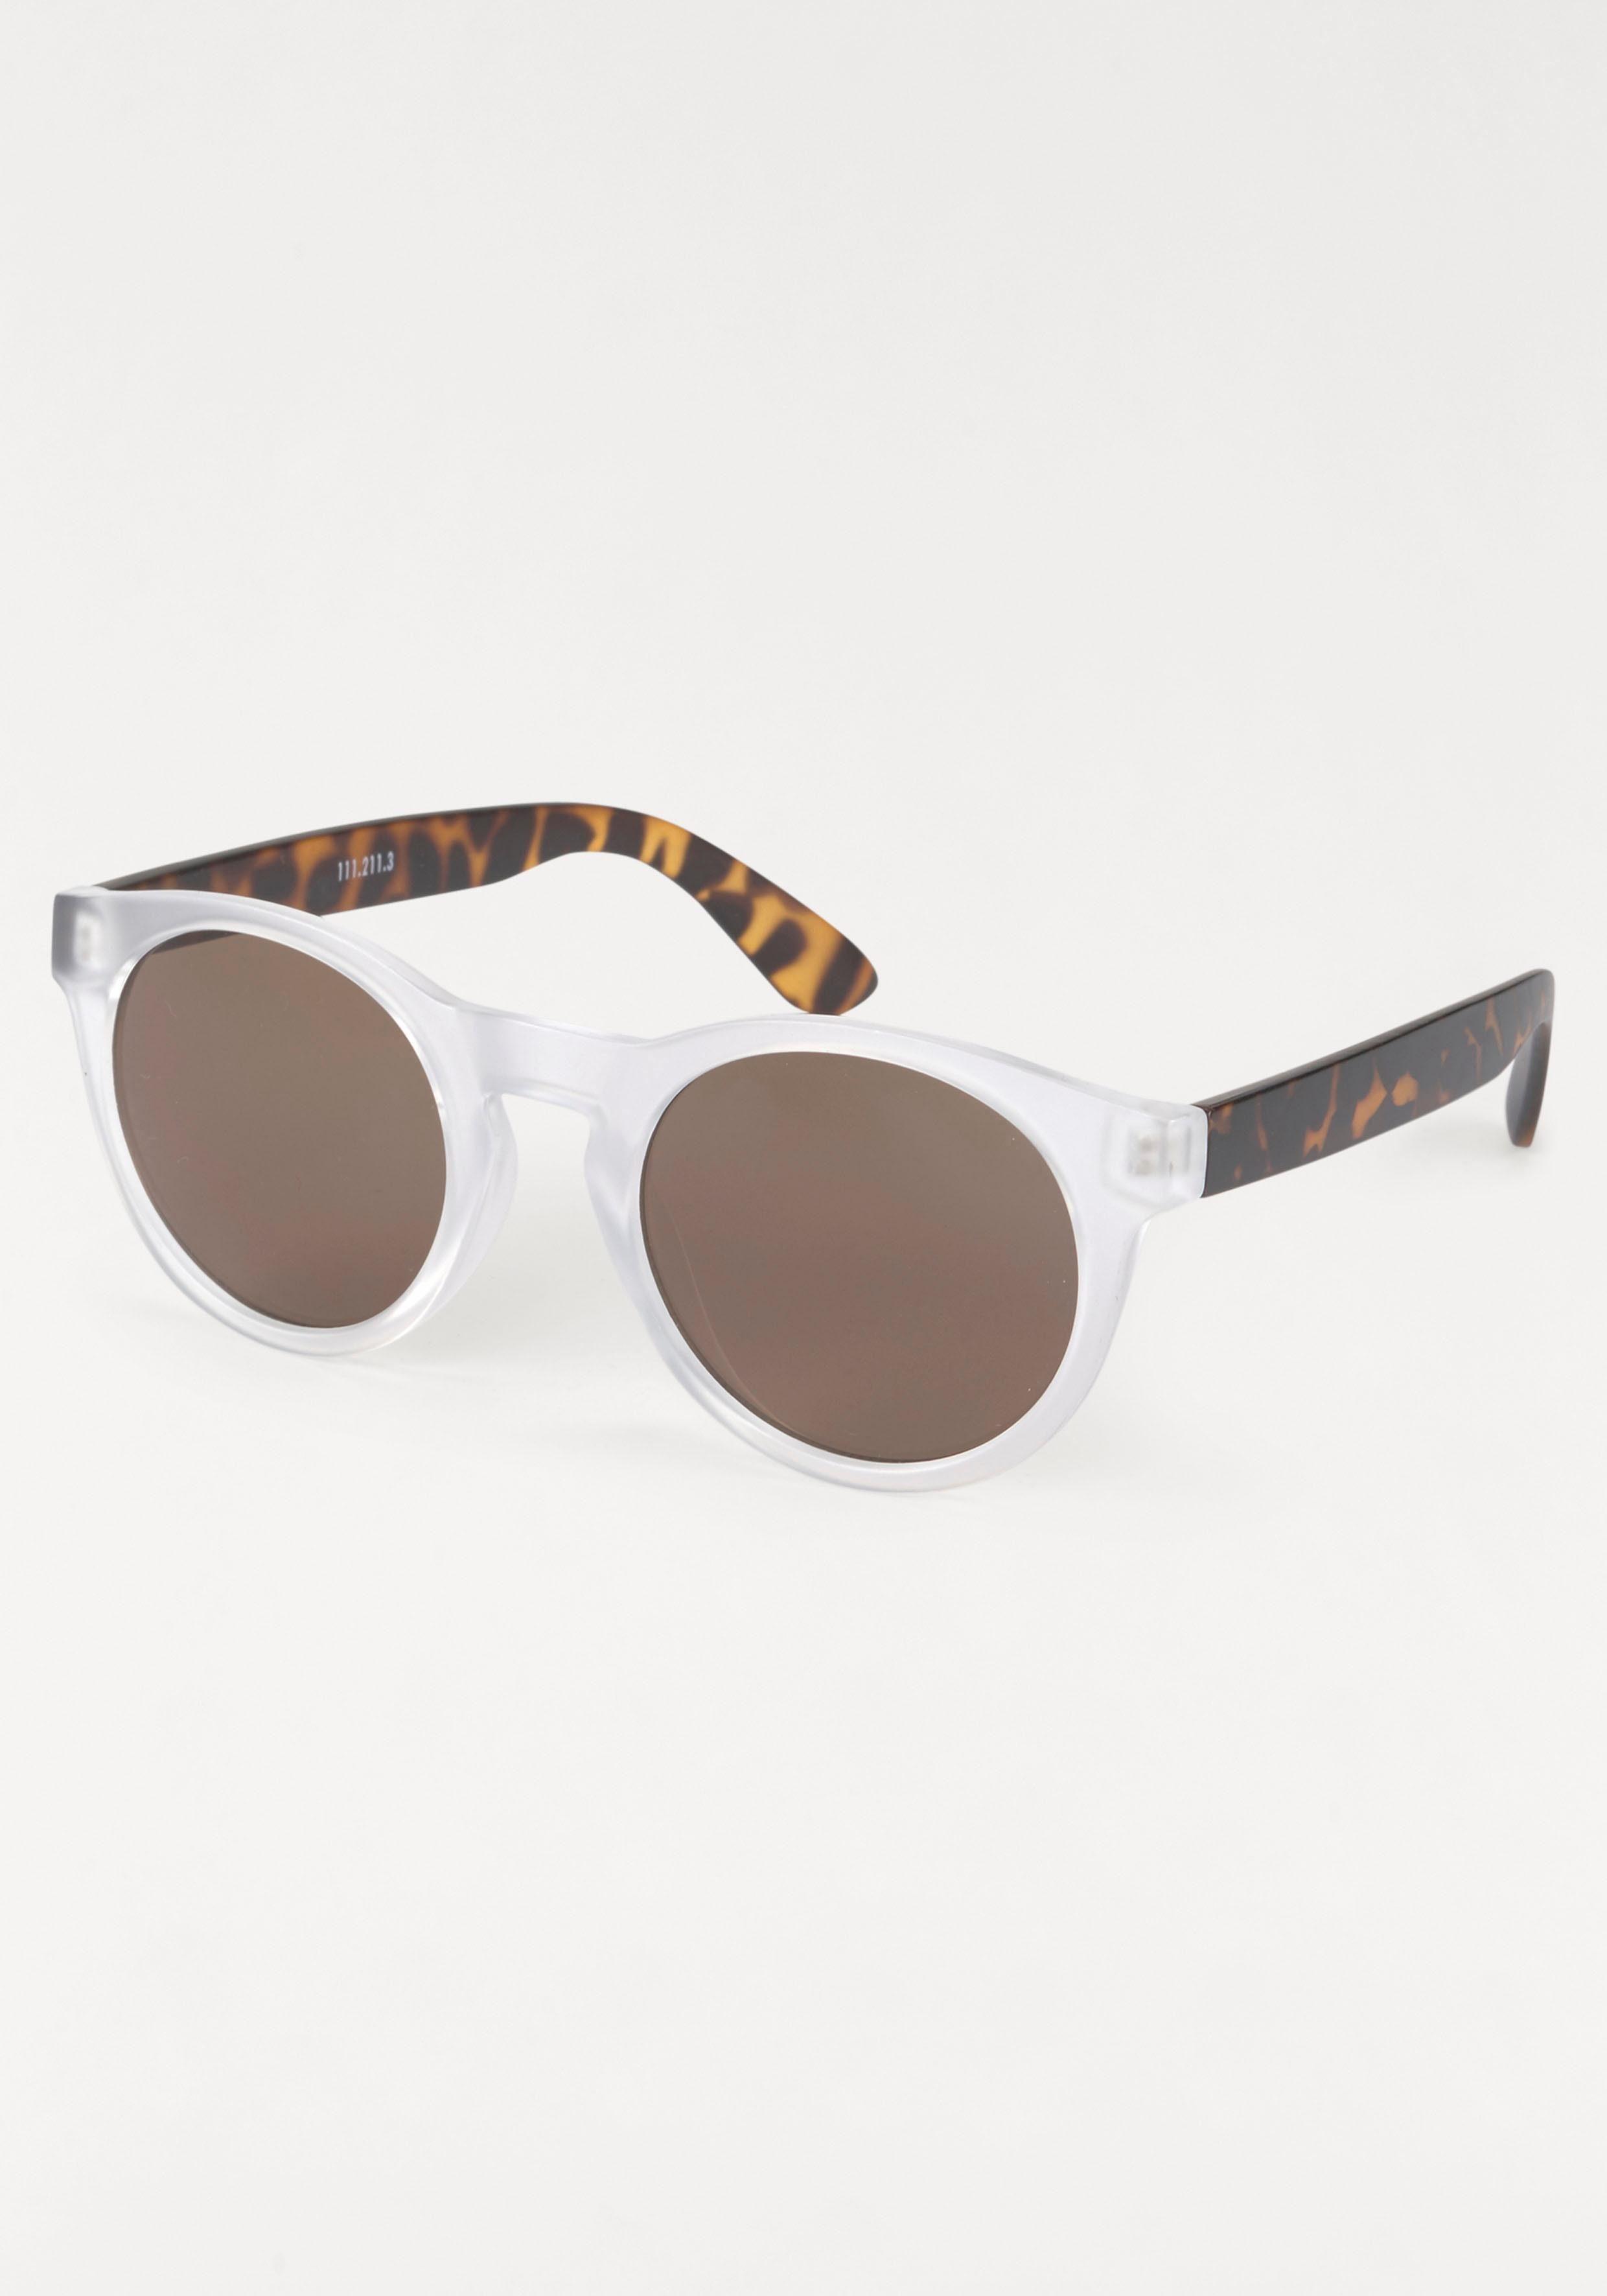 PRIMETTA Eyewear Sonnenbrille, mit gemusterten Bügeln, weiß, weiß-braun